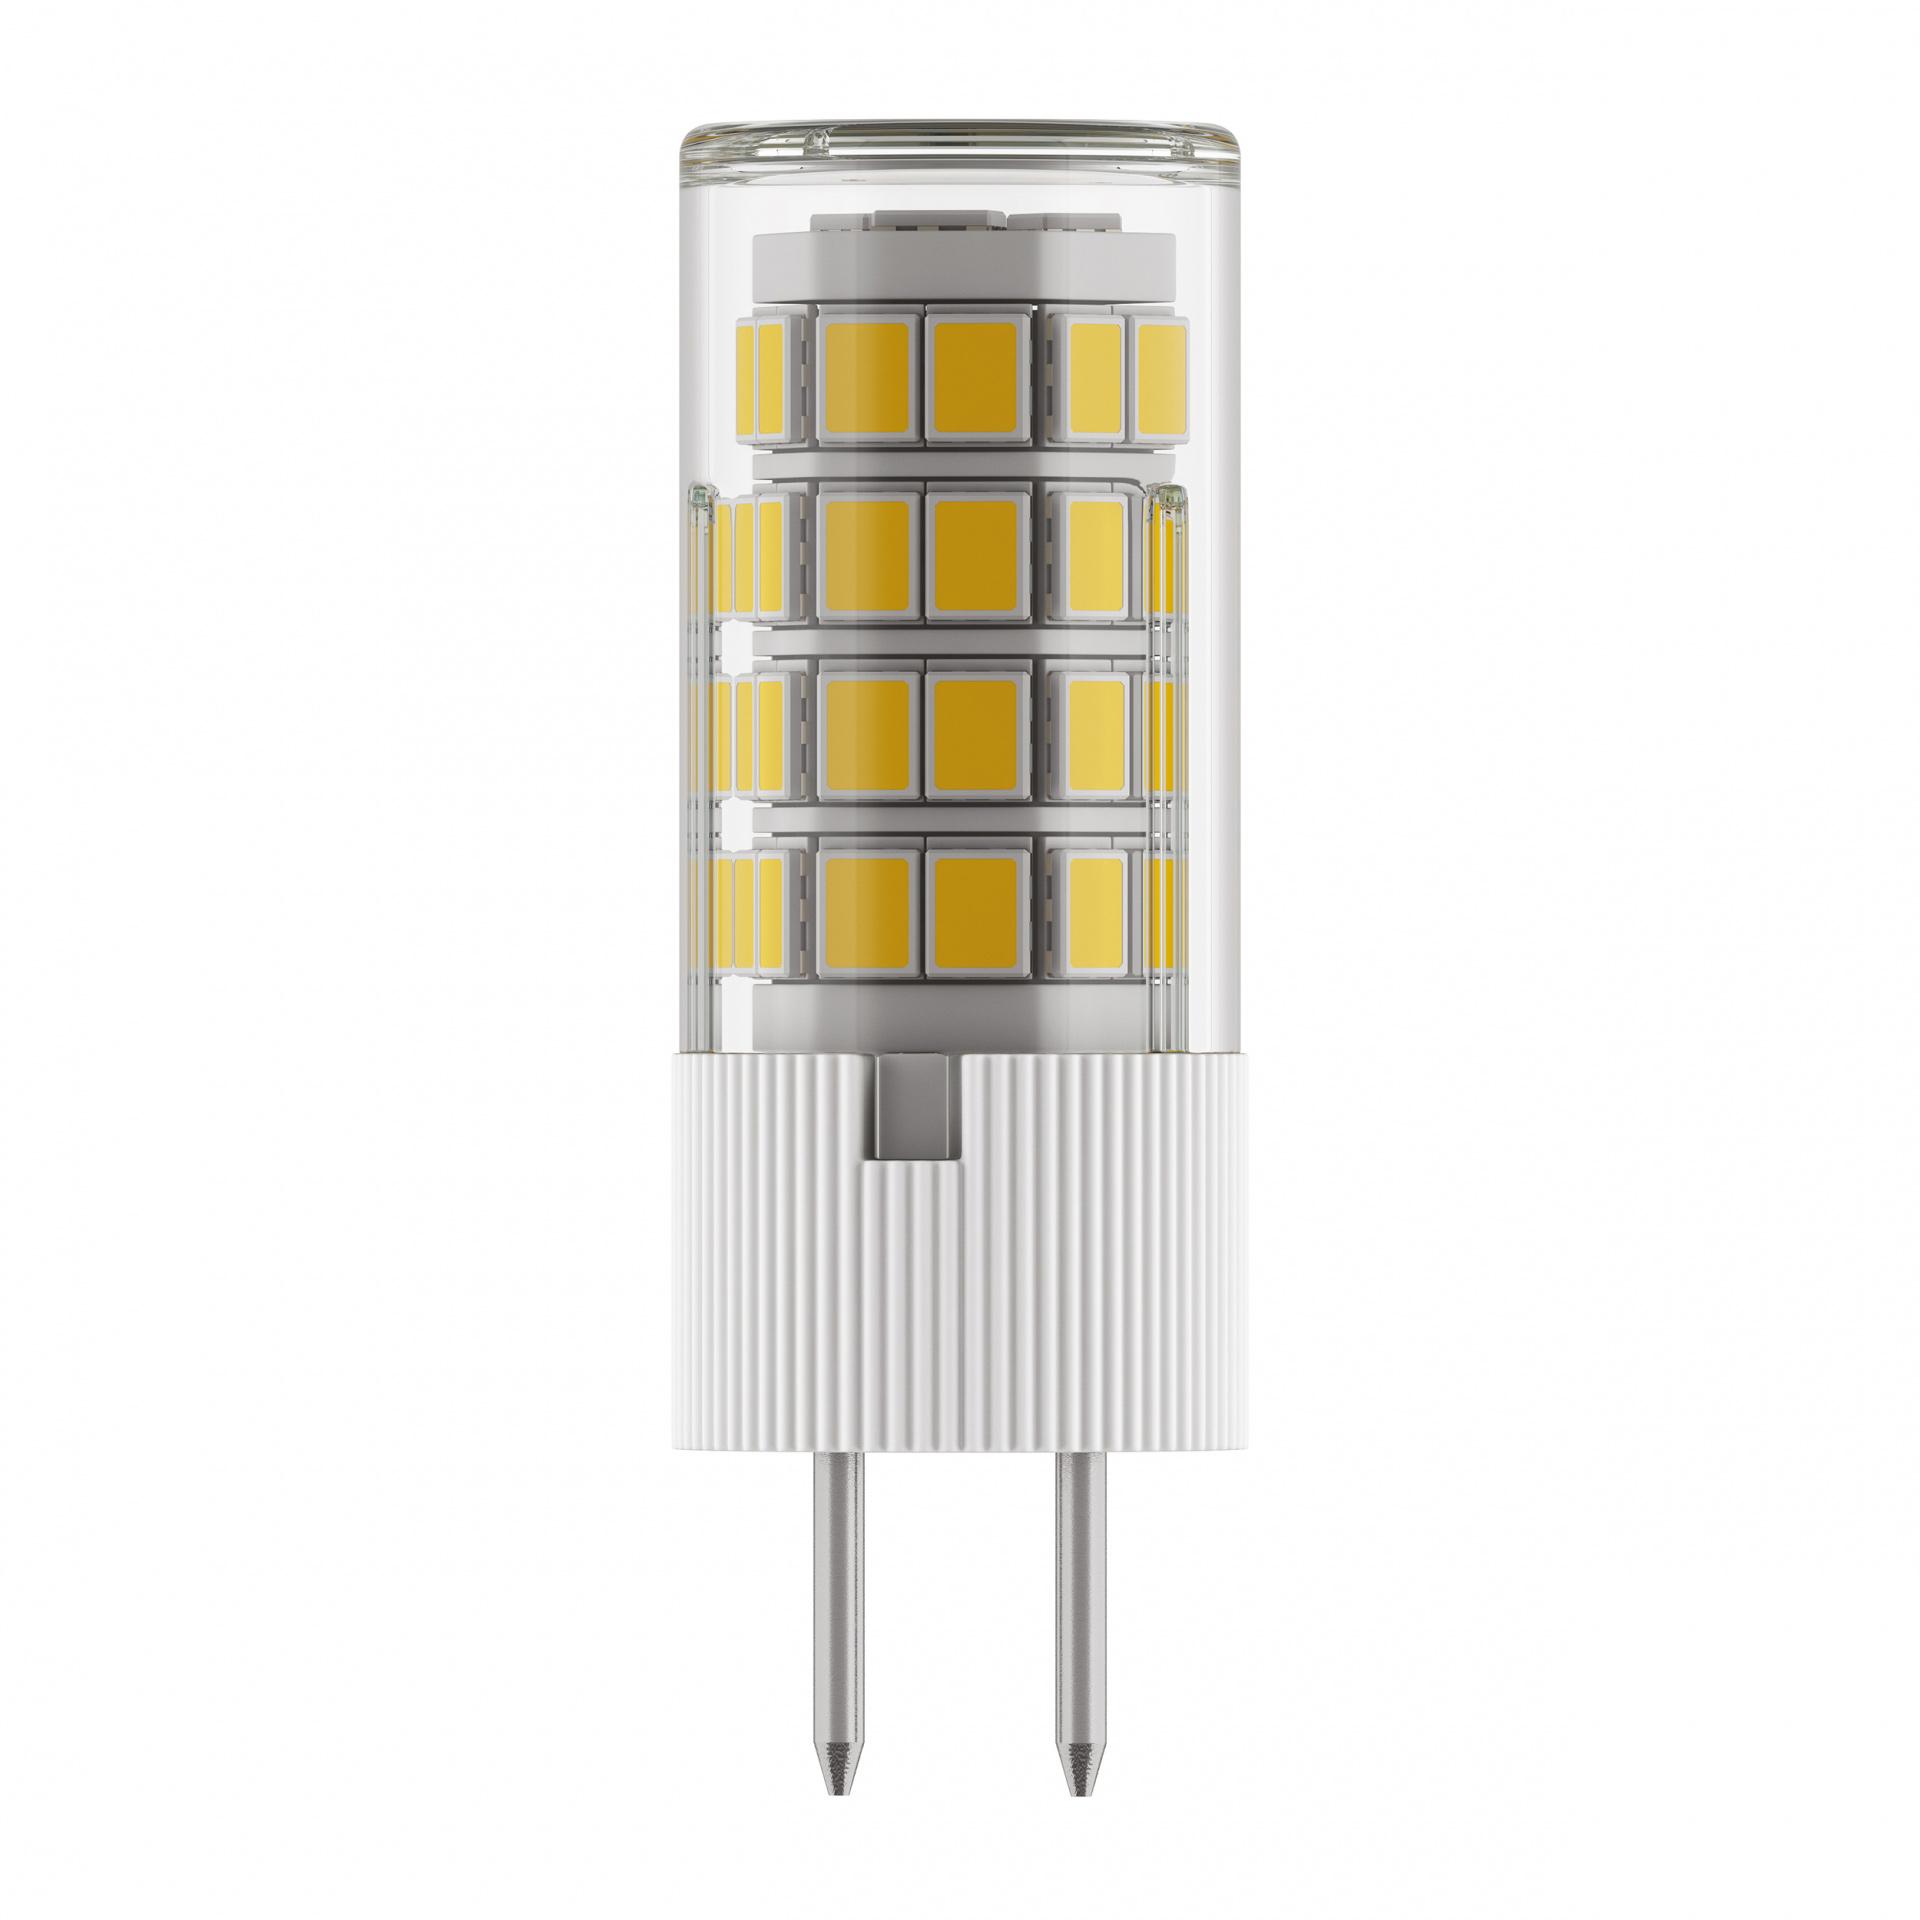 Лампа LED 220V Т20 G5.3 6W=60W 492LM 360G CL 3000K 20000H Lightstar 940432, купить в СПб, Москве, с доставкой, Санкт-Петербург, интернет-магазин люстр и светильников Starlight, фото в жизни